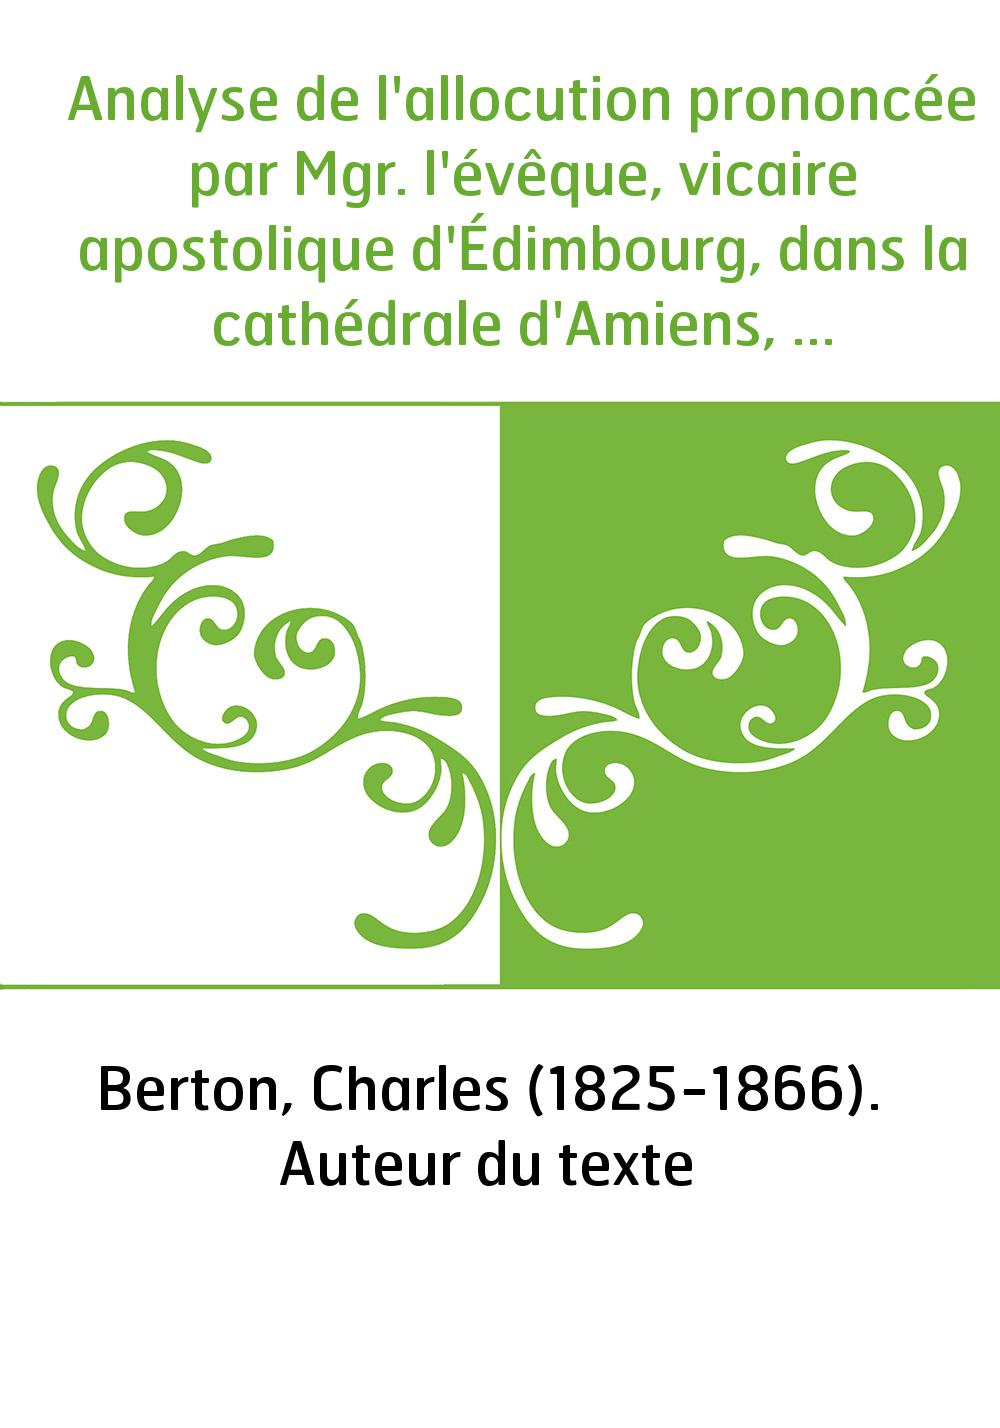 Analyse de l'allocution prononcée par Mgr. l'évêque, vicaire apostolique d'Édimbourg, dans la cathédrale d'Amiens, le jeudi 12 o